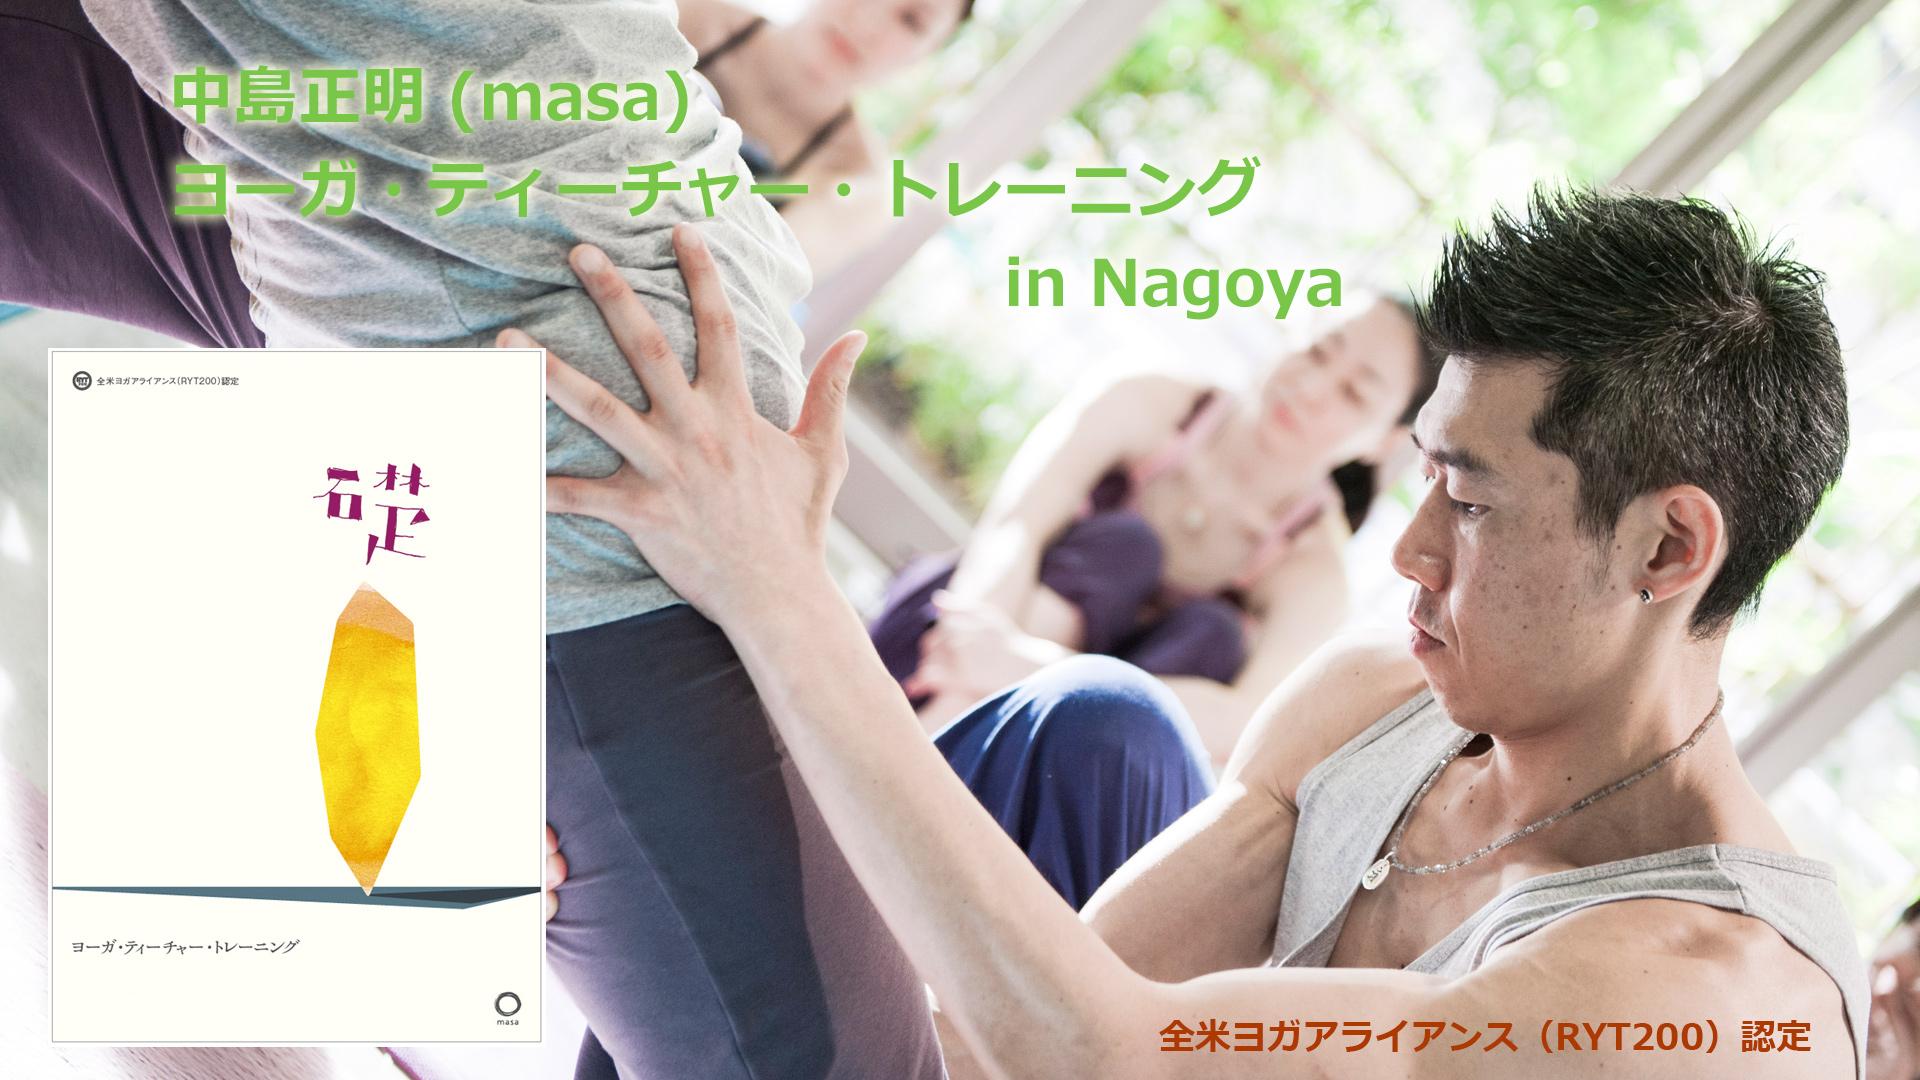 masa先生 ヨーガ・ティーチャー・トレーニング in 名古屋 2018」全米ヨガアライアンス(RYT200)認定